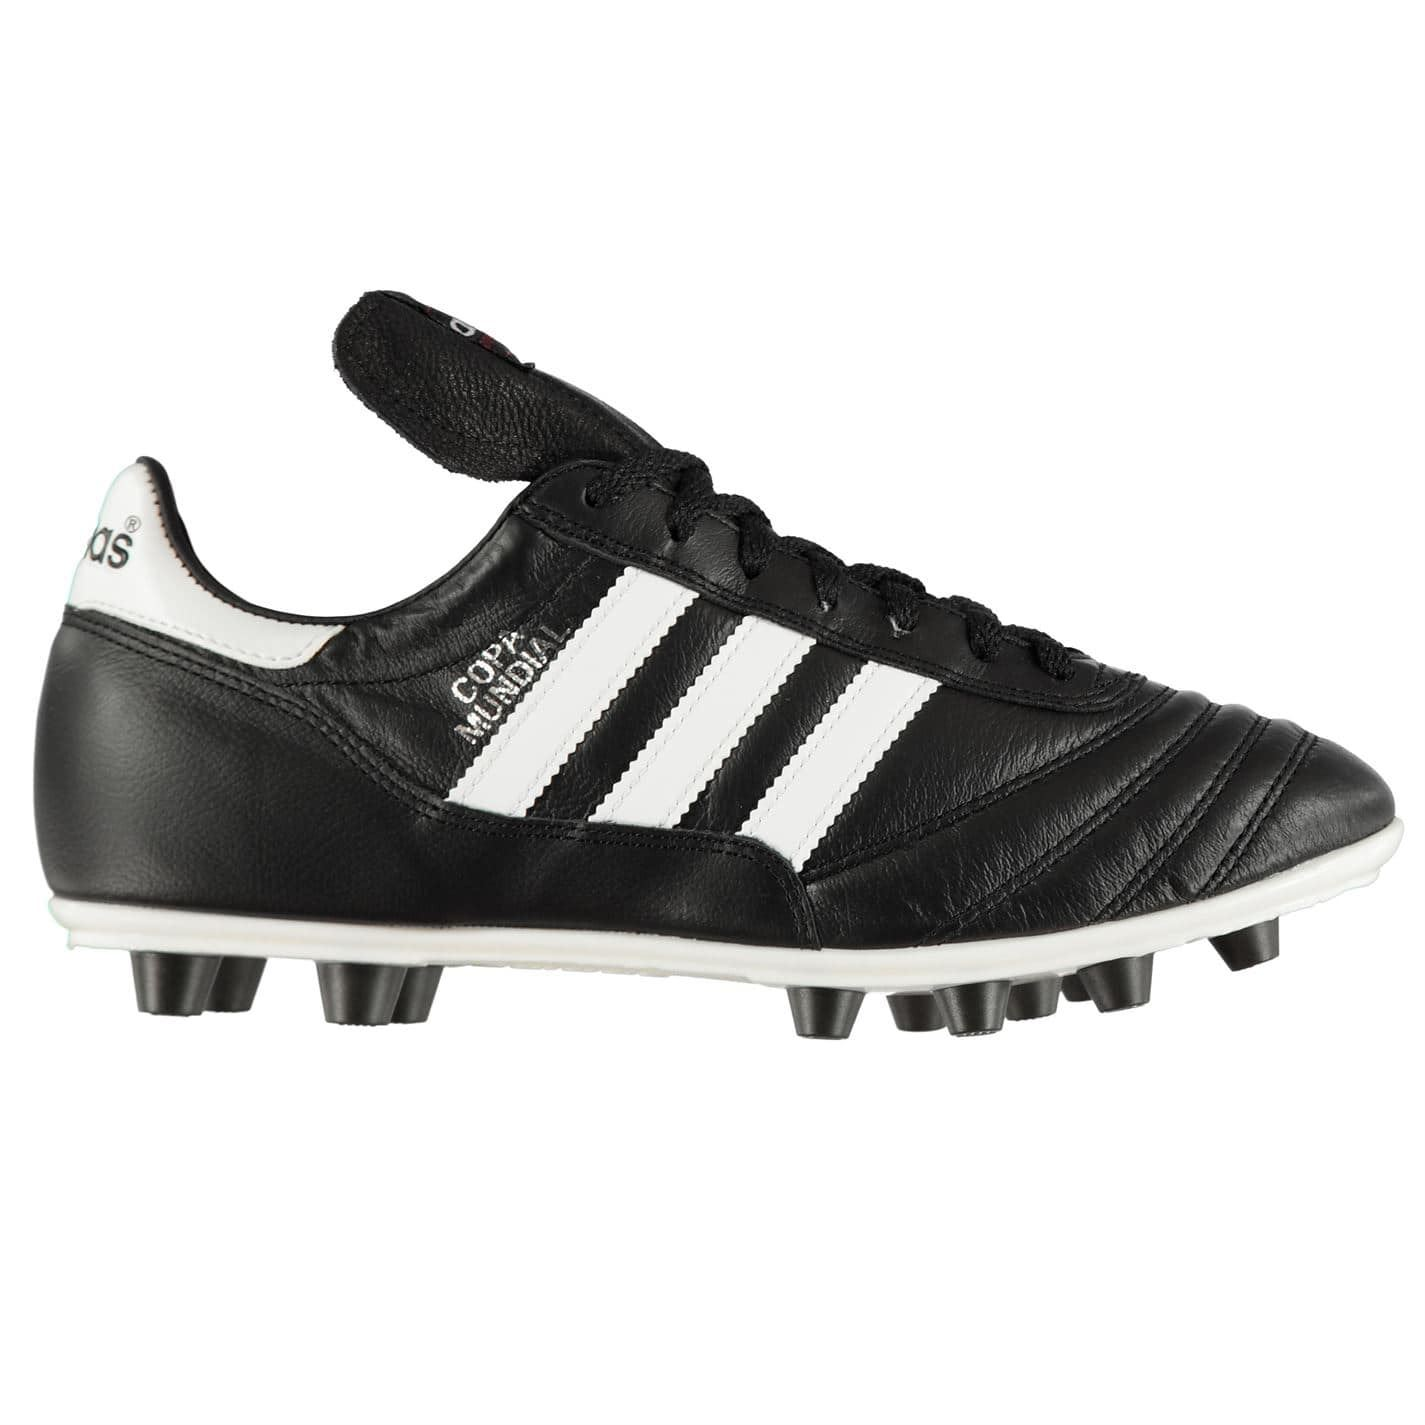 Dettagli su Adidas Copa Mundial Fg Scarpe da Calcio Uomo NeroBianco Sports Scarpe Calzature